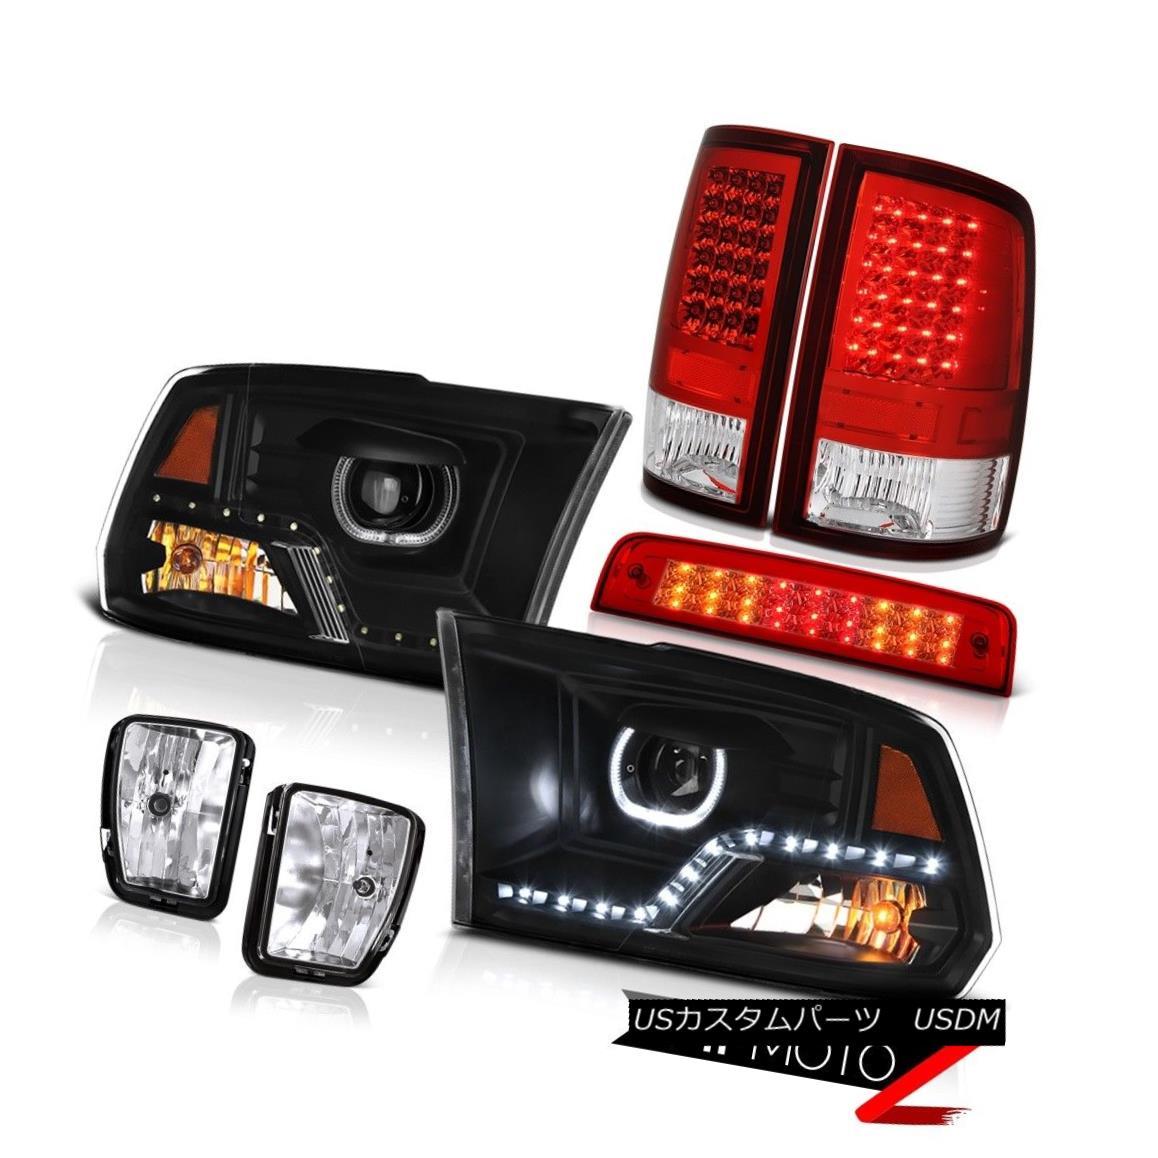 ヘッドライト 13-18 RAM 1500 Headlight Bloody Red Brake Light Tail Fog Light Assembly SET PAIR 13-18 RAM 1500ヘッドライトブラッディレッドブレーキライトテールフォグライトアセンブリSET PAIR画像